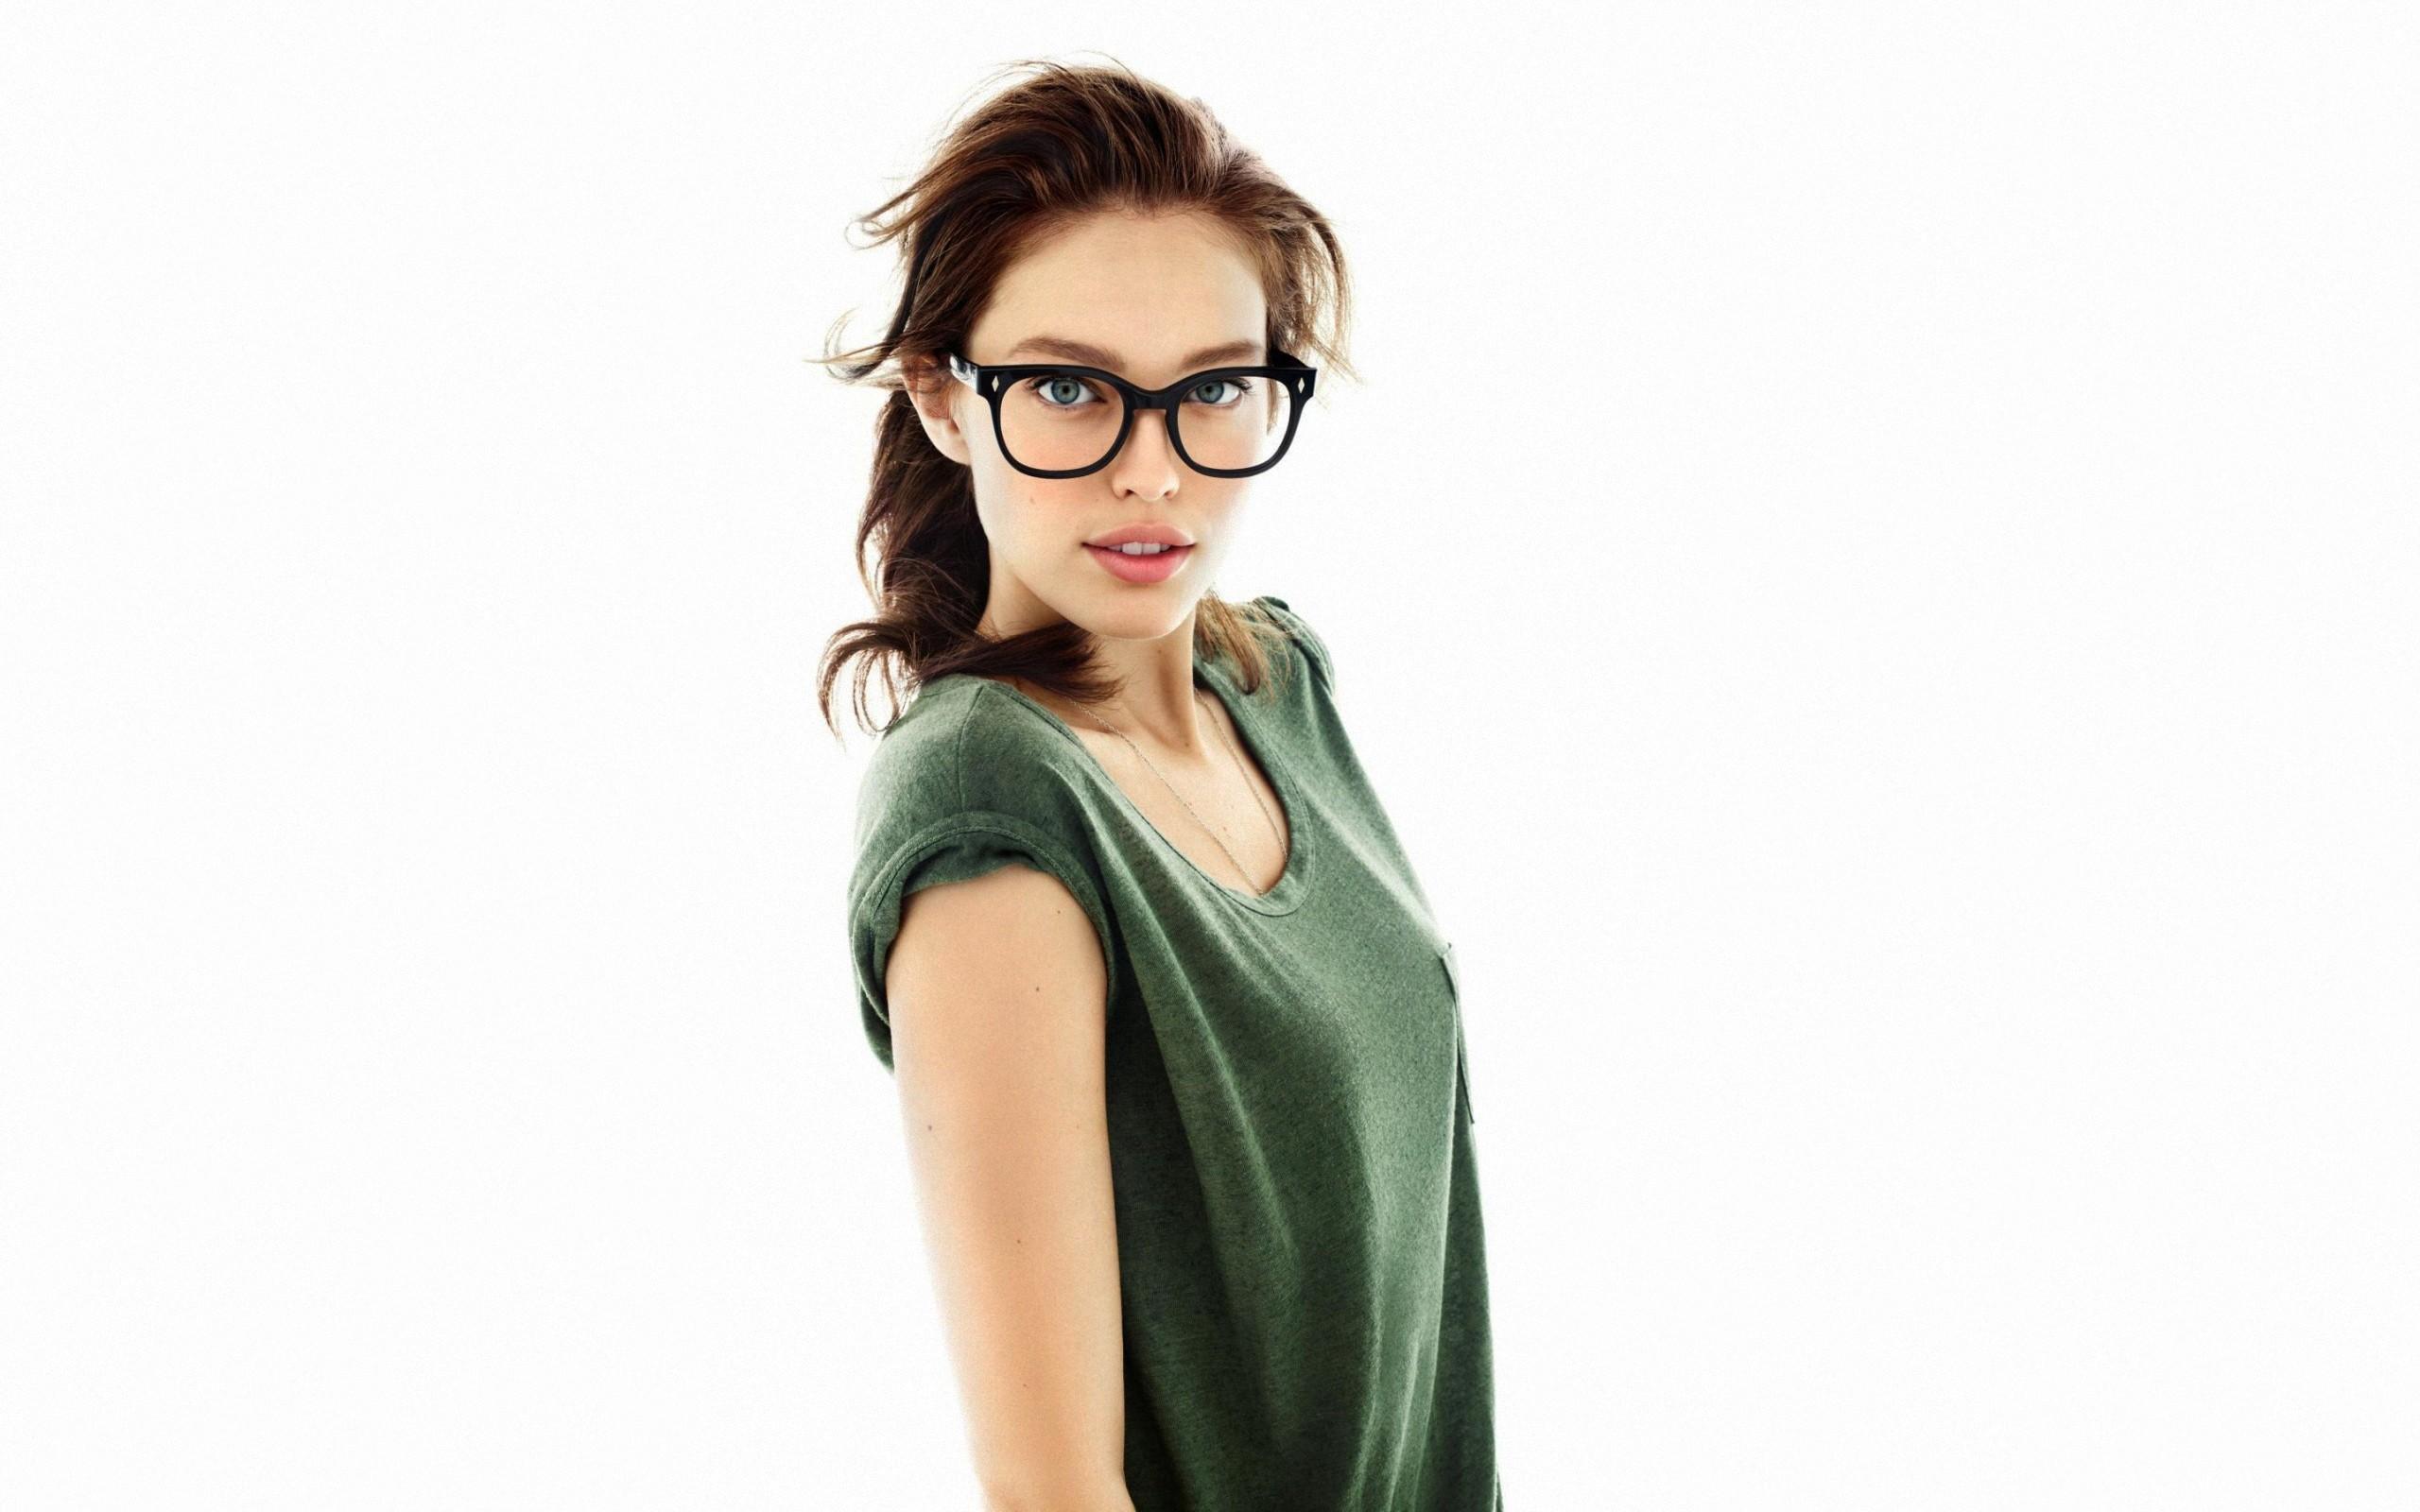 Chicas con lentes - 2560x1600